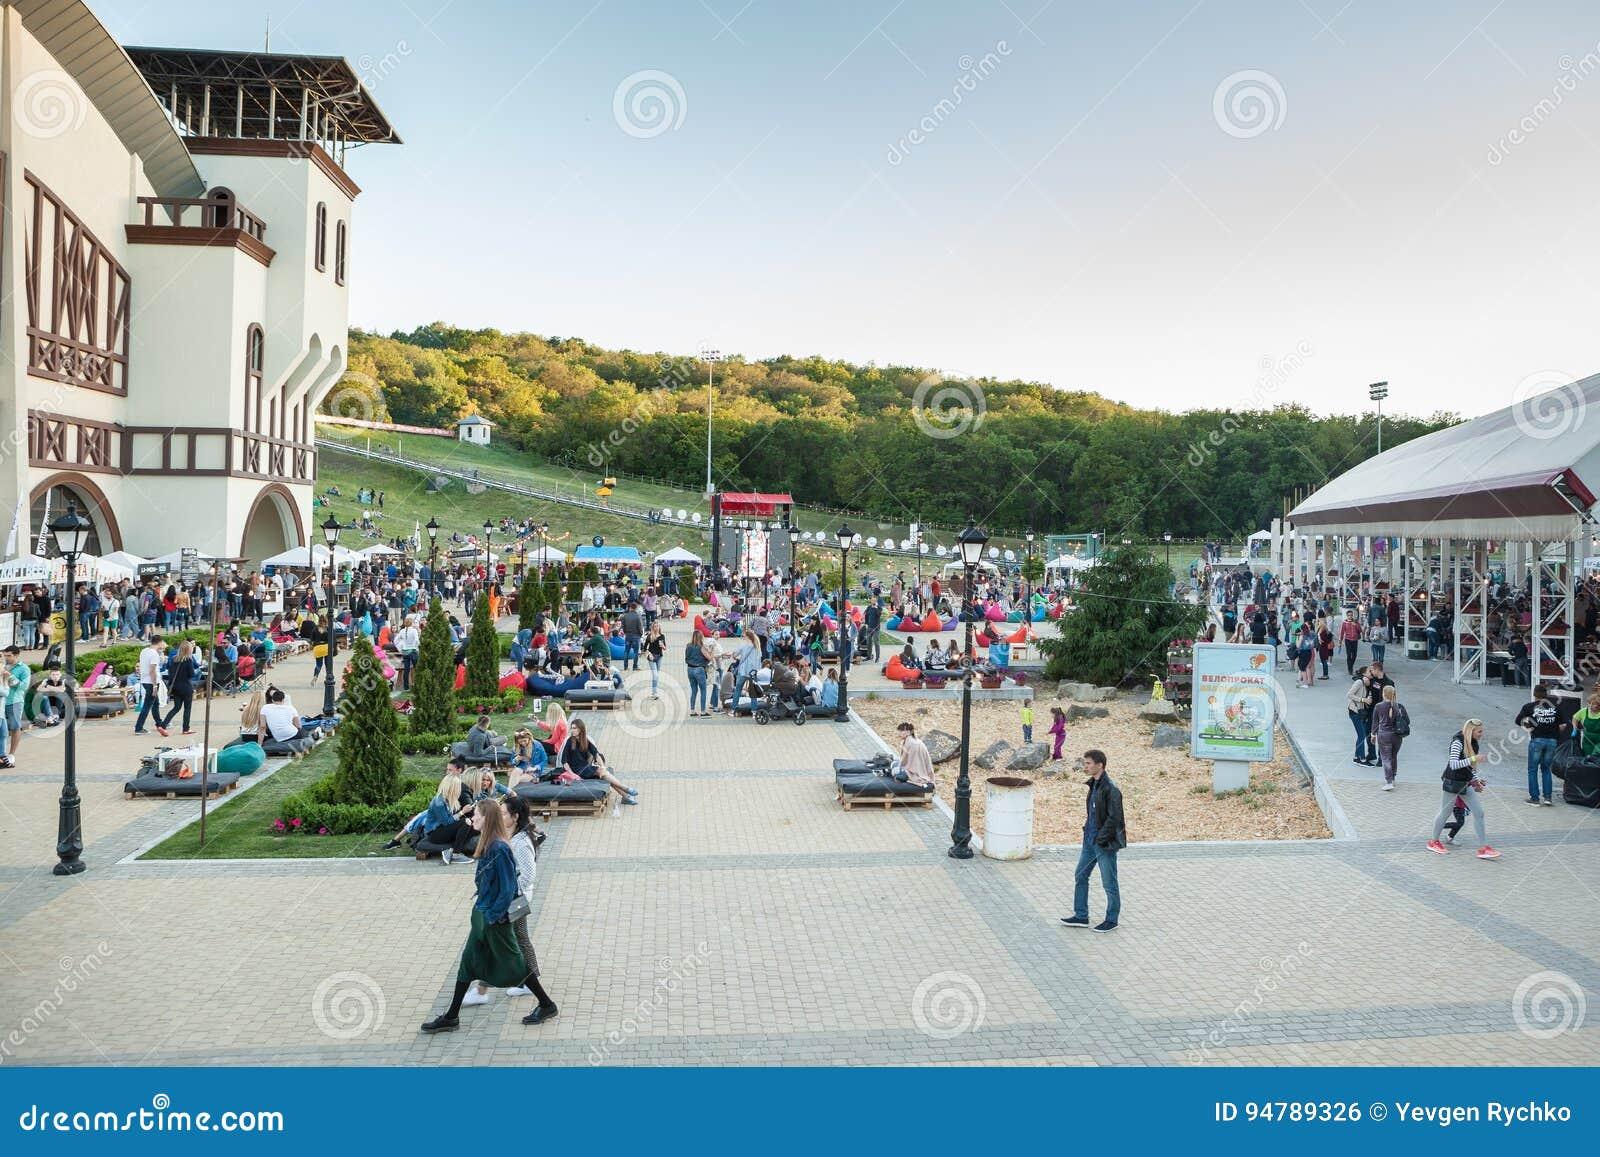 第聂伯罗彼得罗夫斯克,乌克兰- 2017年6月3日:人们在有家庭的公园拉维娜去野餐在第聂伯罗彼得罗夫斯克, 6月的乌克兰